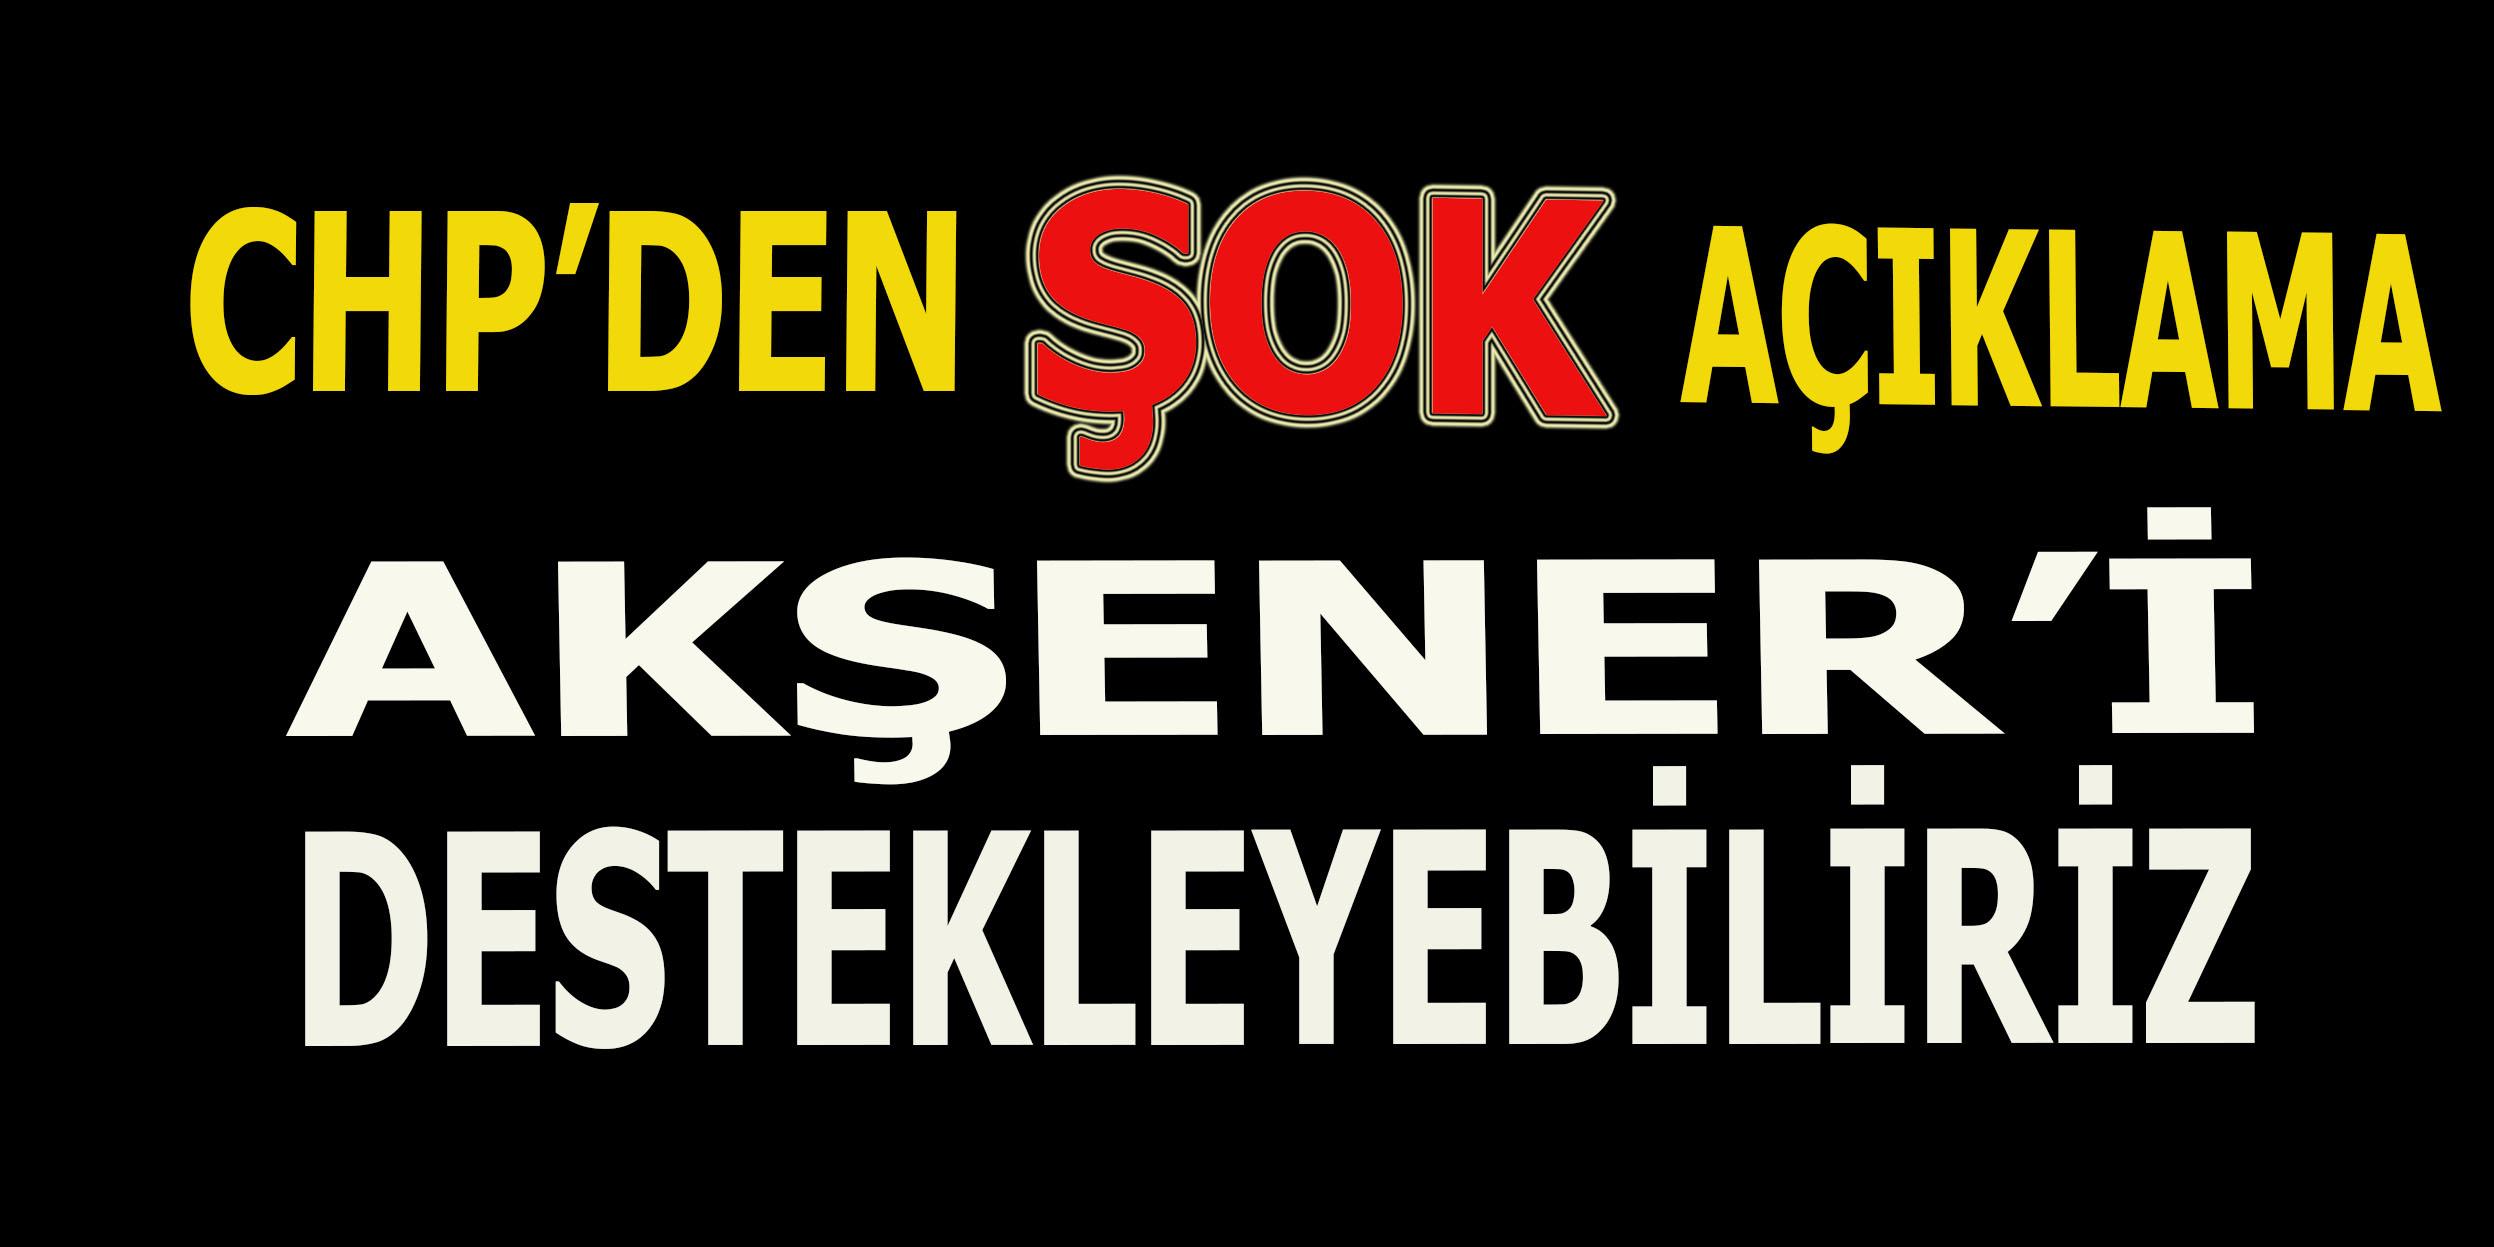 CHP'den şok açıklama: Akşener'i destekleyebiliriz